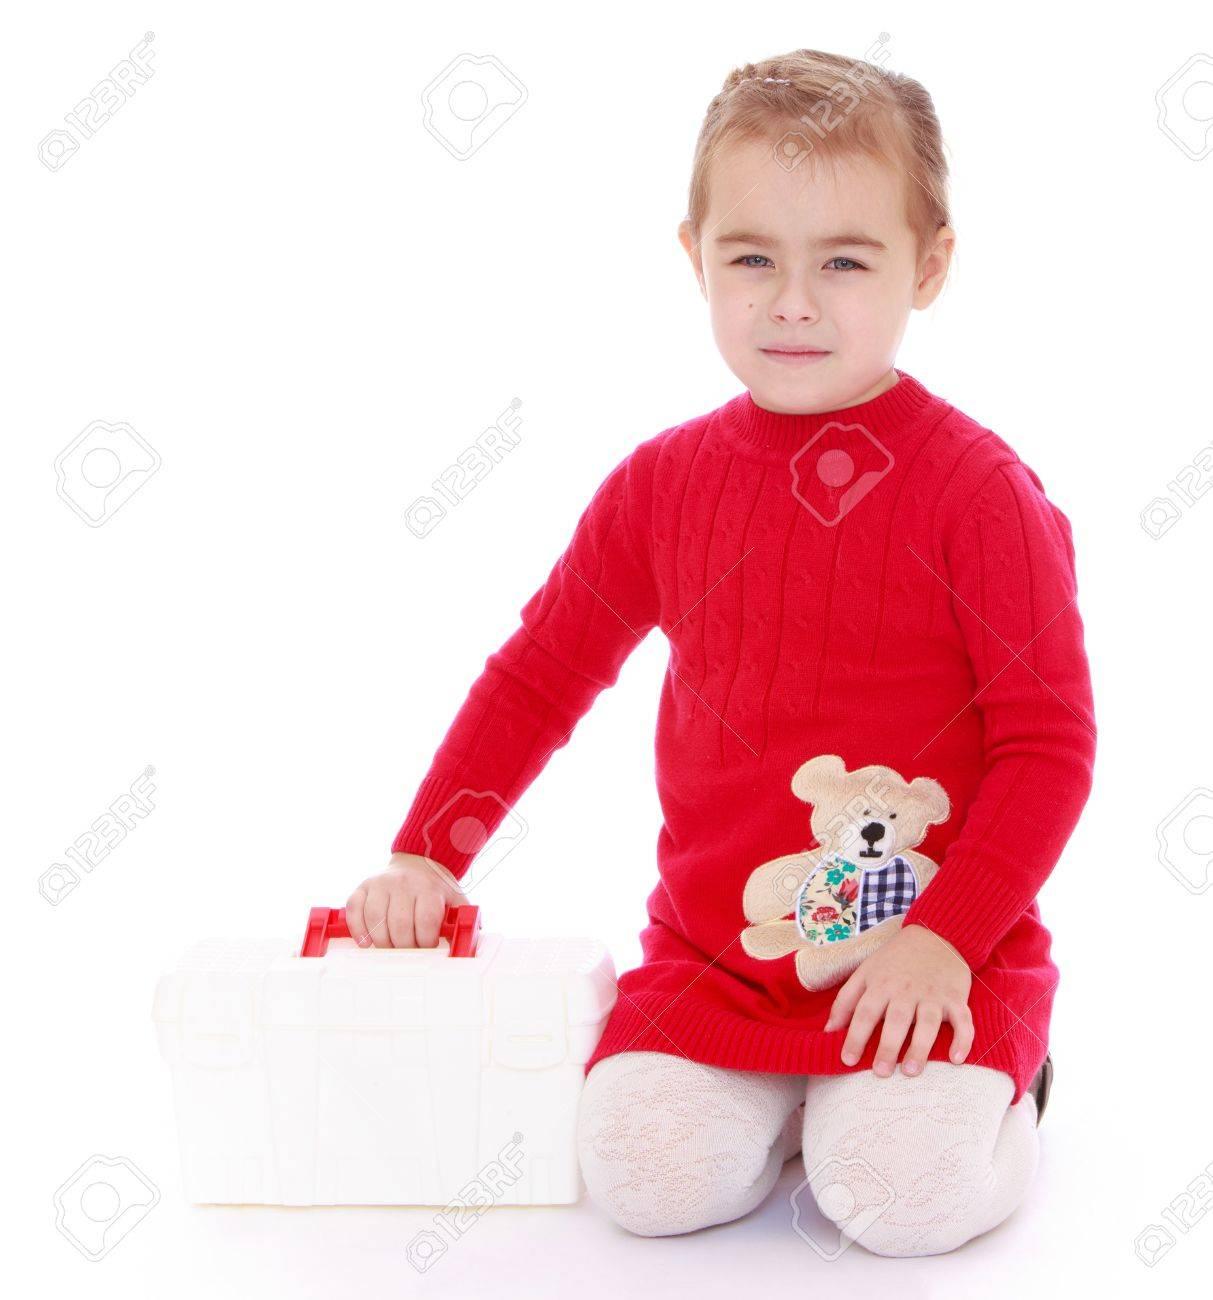 online retailer 63985 555e8 Bambina sveglia in un vestito lavorato a maglia rosso è in ginocchio, e  tiene la sua mano una valigetta medica bianco - isolato su sfondo bianco